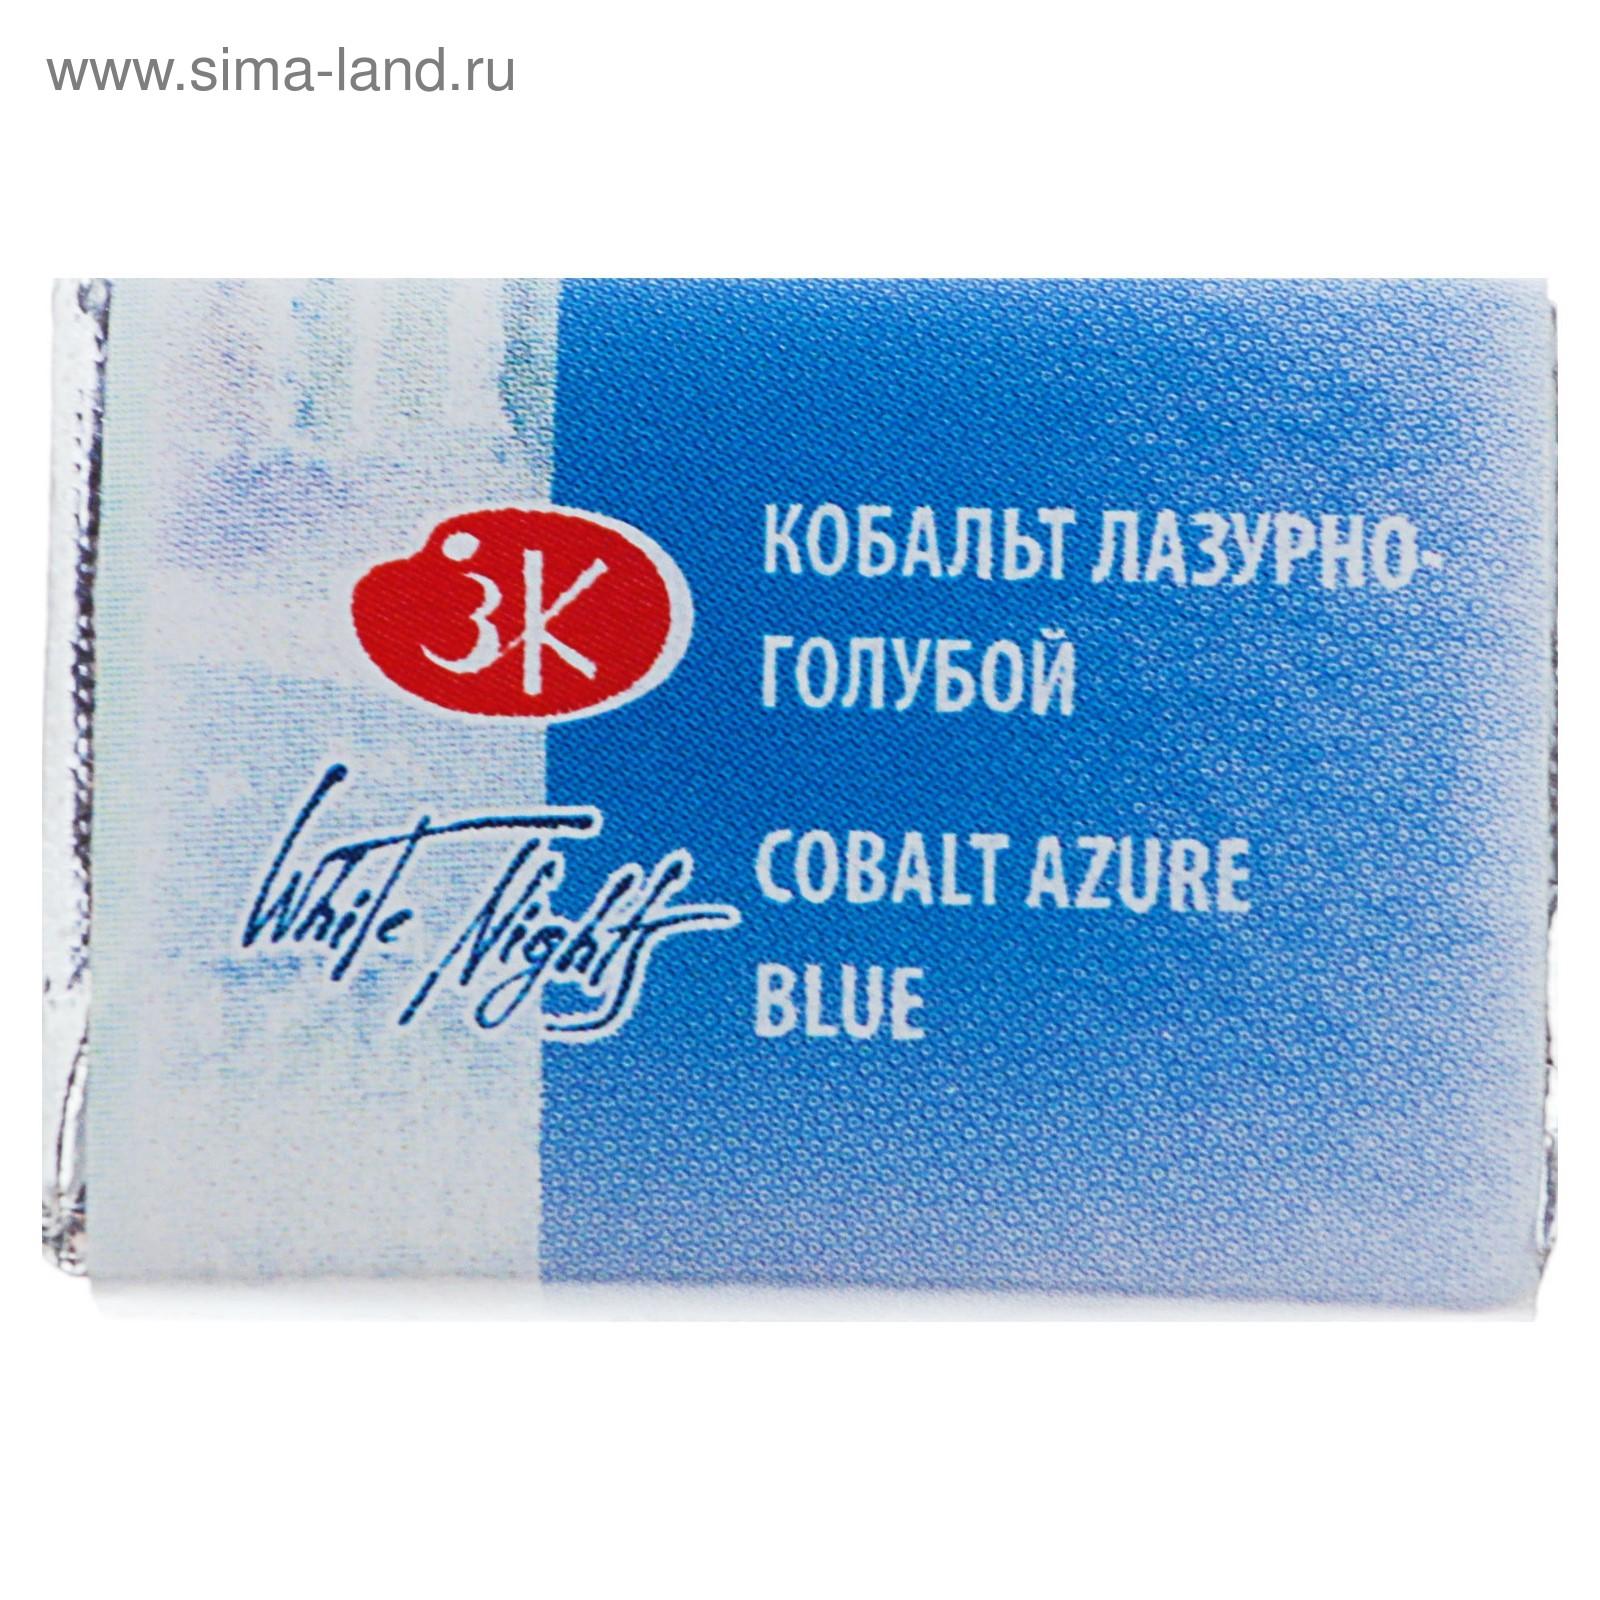 Акварель кювета Белые ночи Кобальт лазурно-голубой 2,5мл